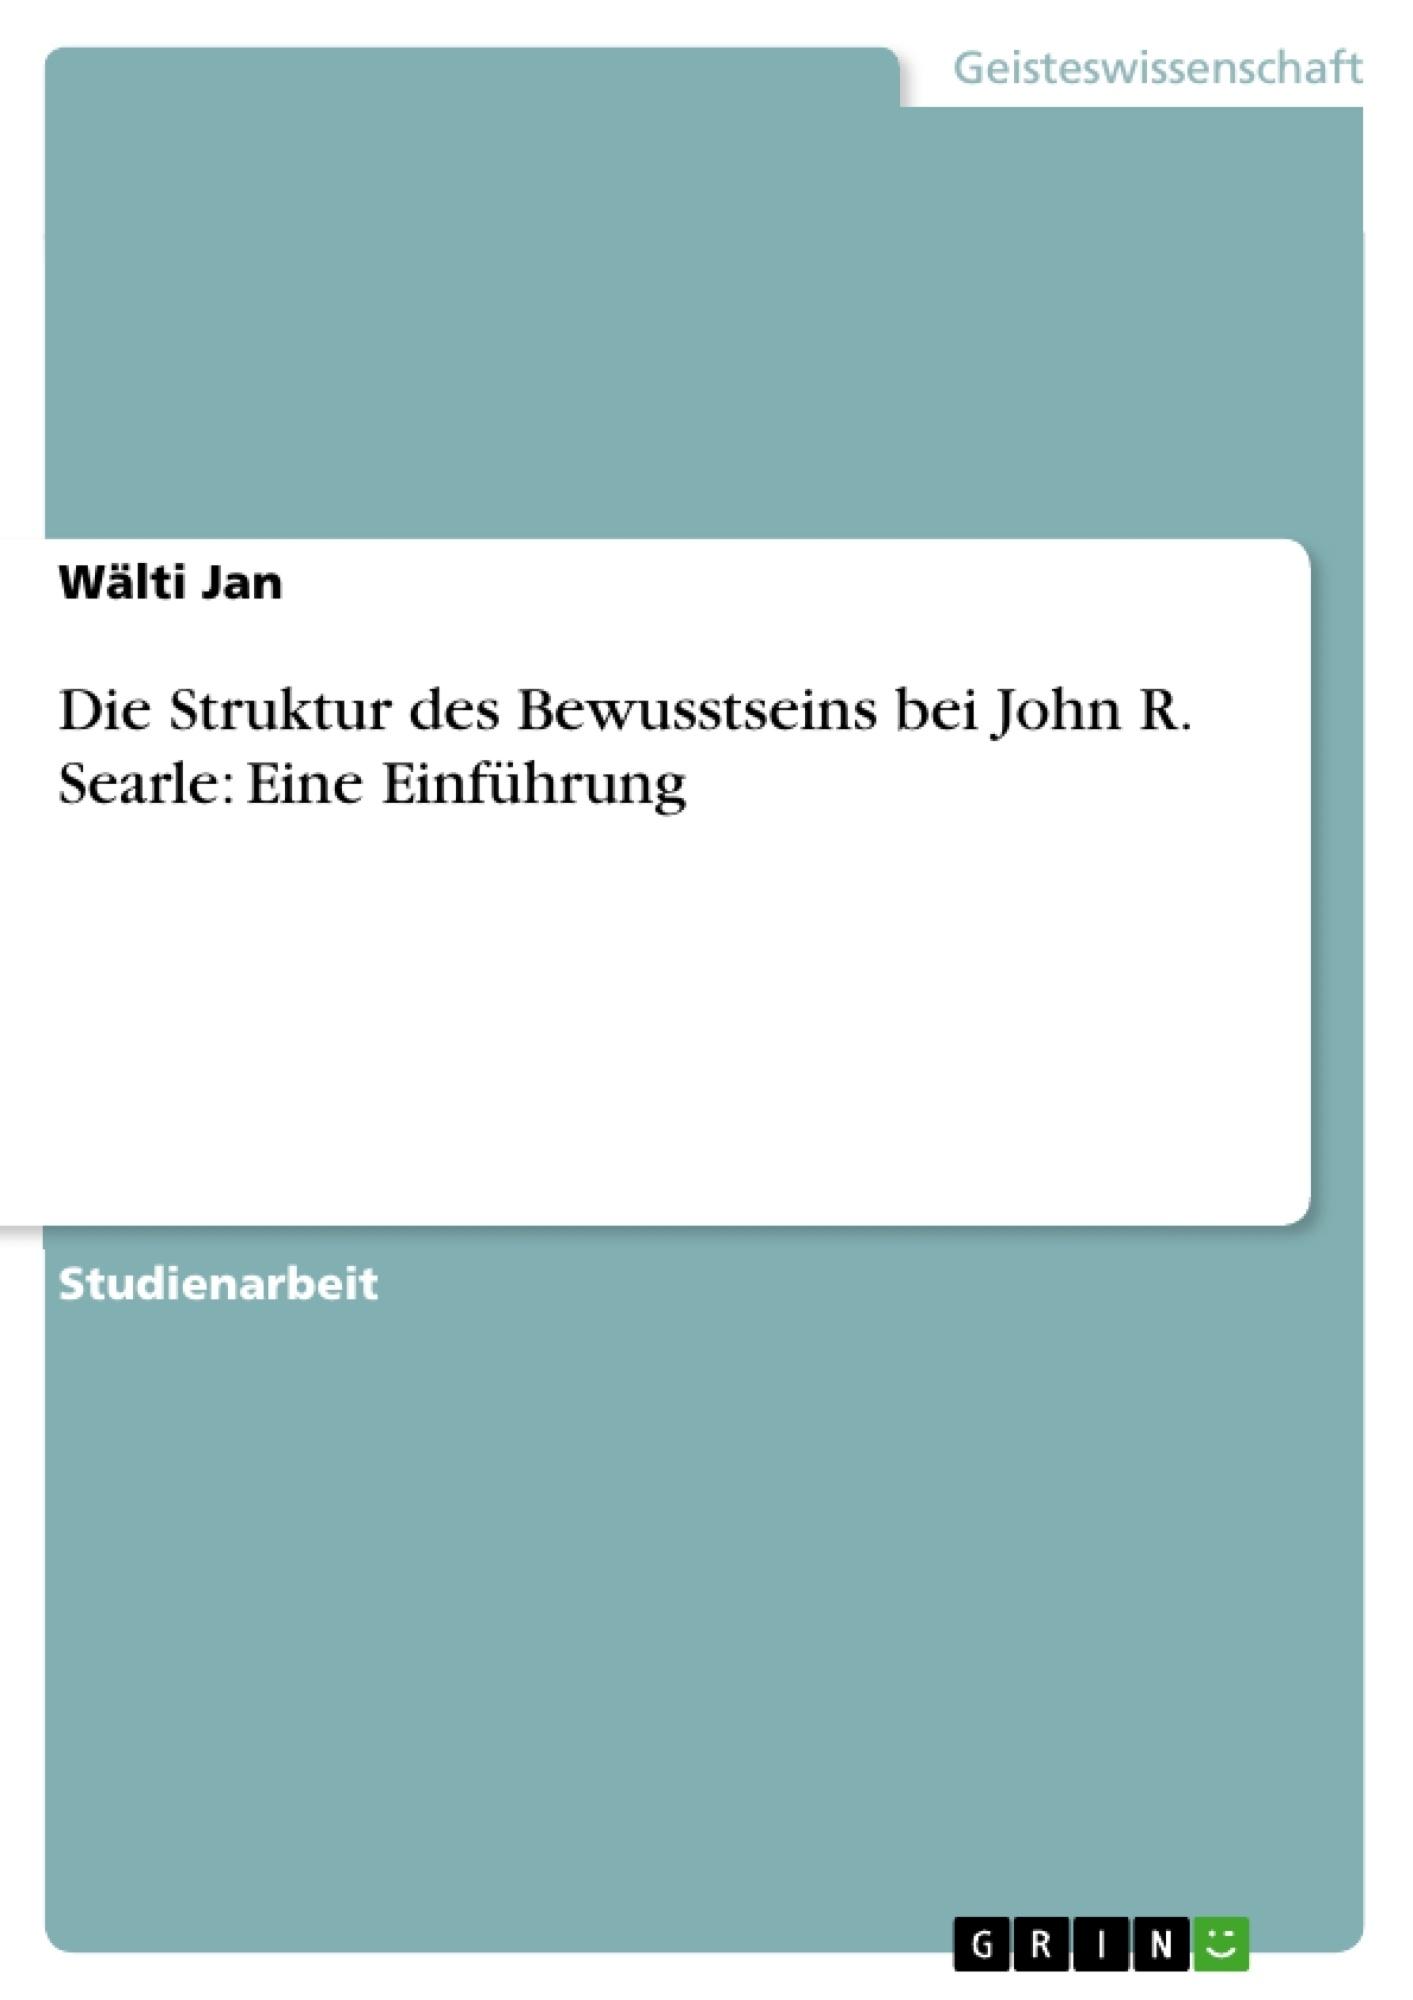 Titel: Die Struktur des Bewusstseins bei John R. Searle: Eine Einführung